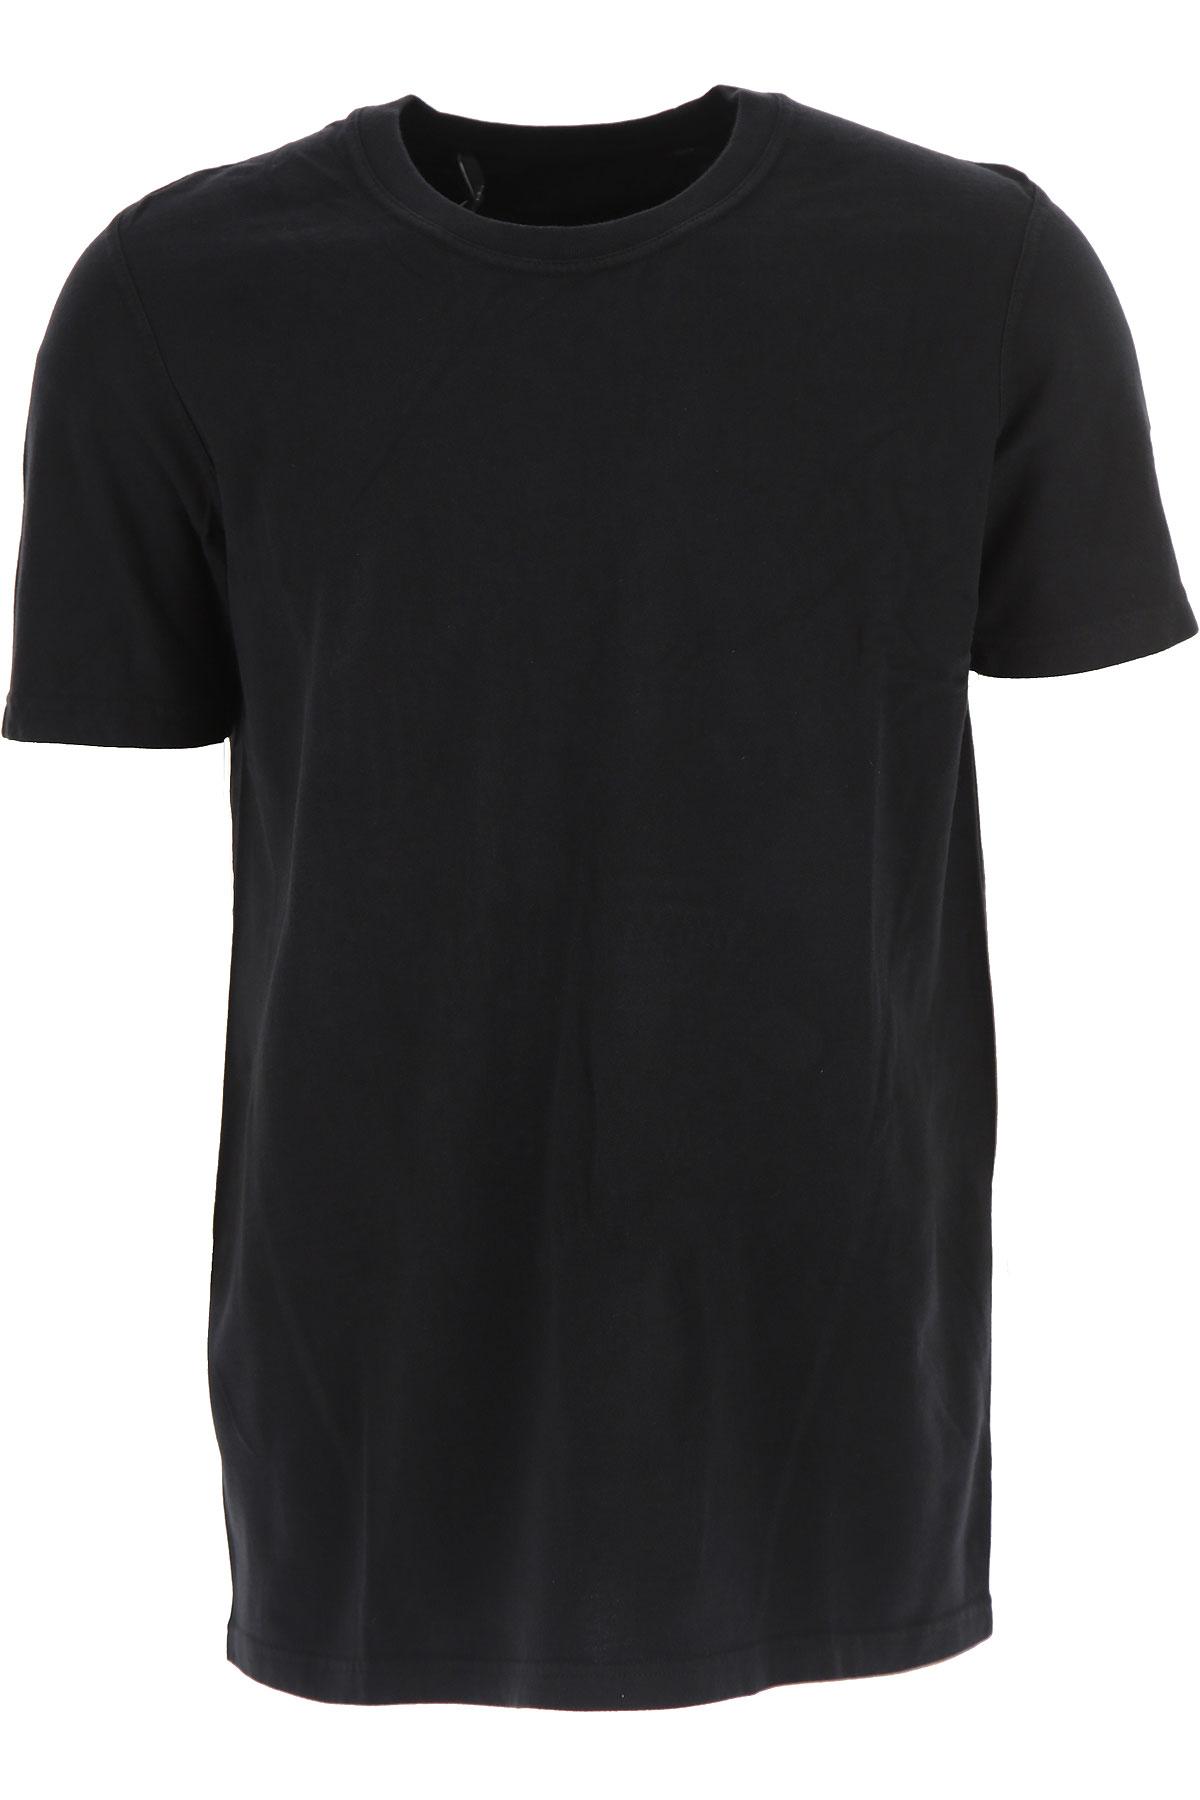 Image of 032c T-Shirt for Men, Black, Cotton, 2017, L M XL